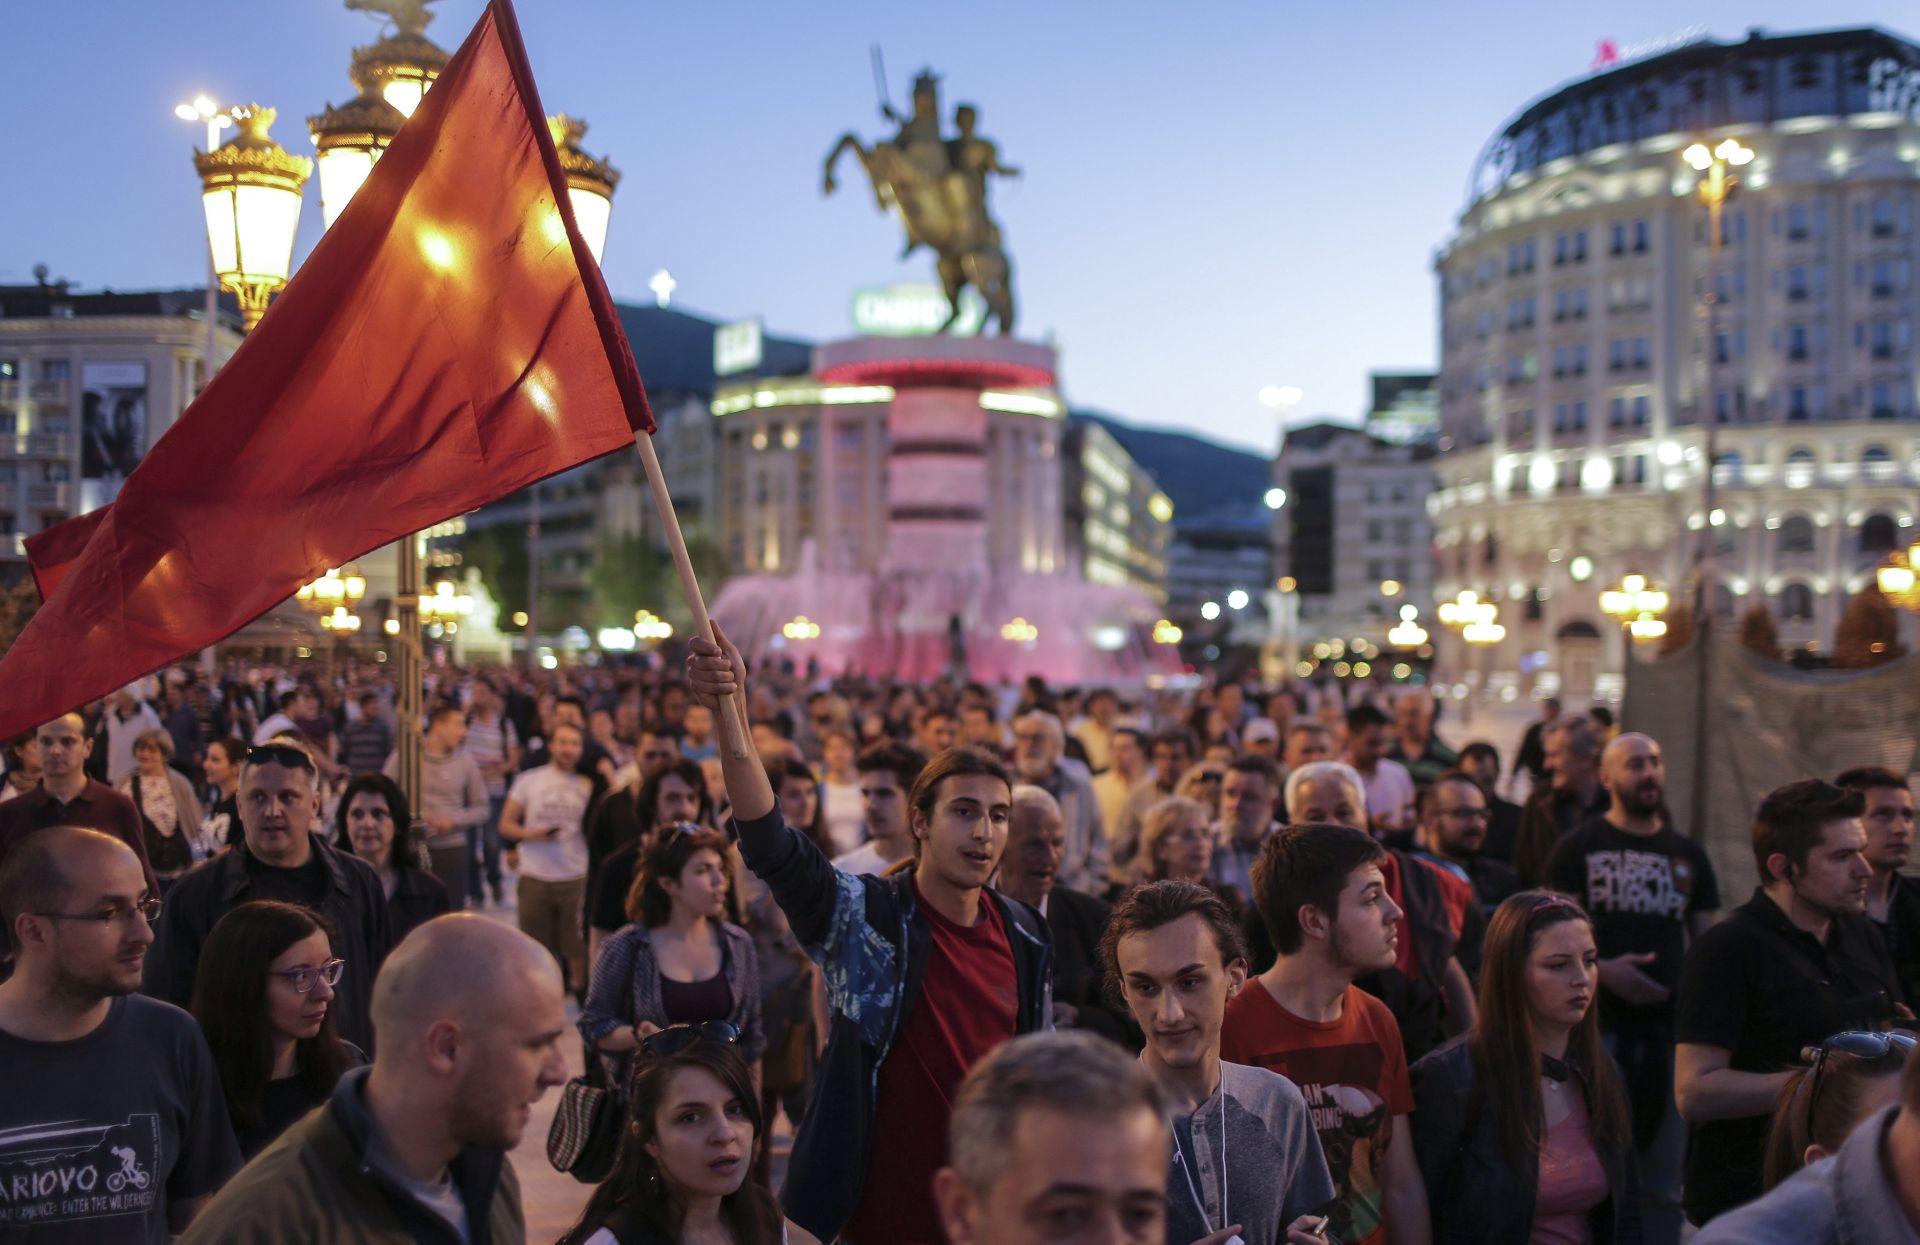 PROSVJEDI: Tisuće ljudi na ulicama Skoplja, traži se odlazak predsjednika